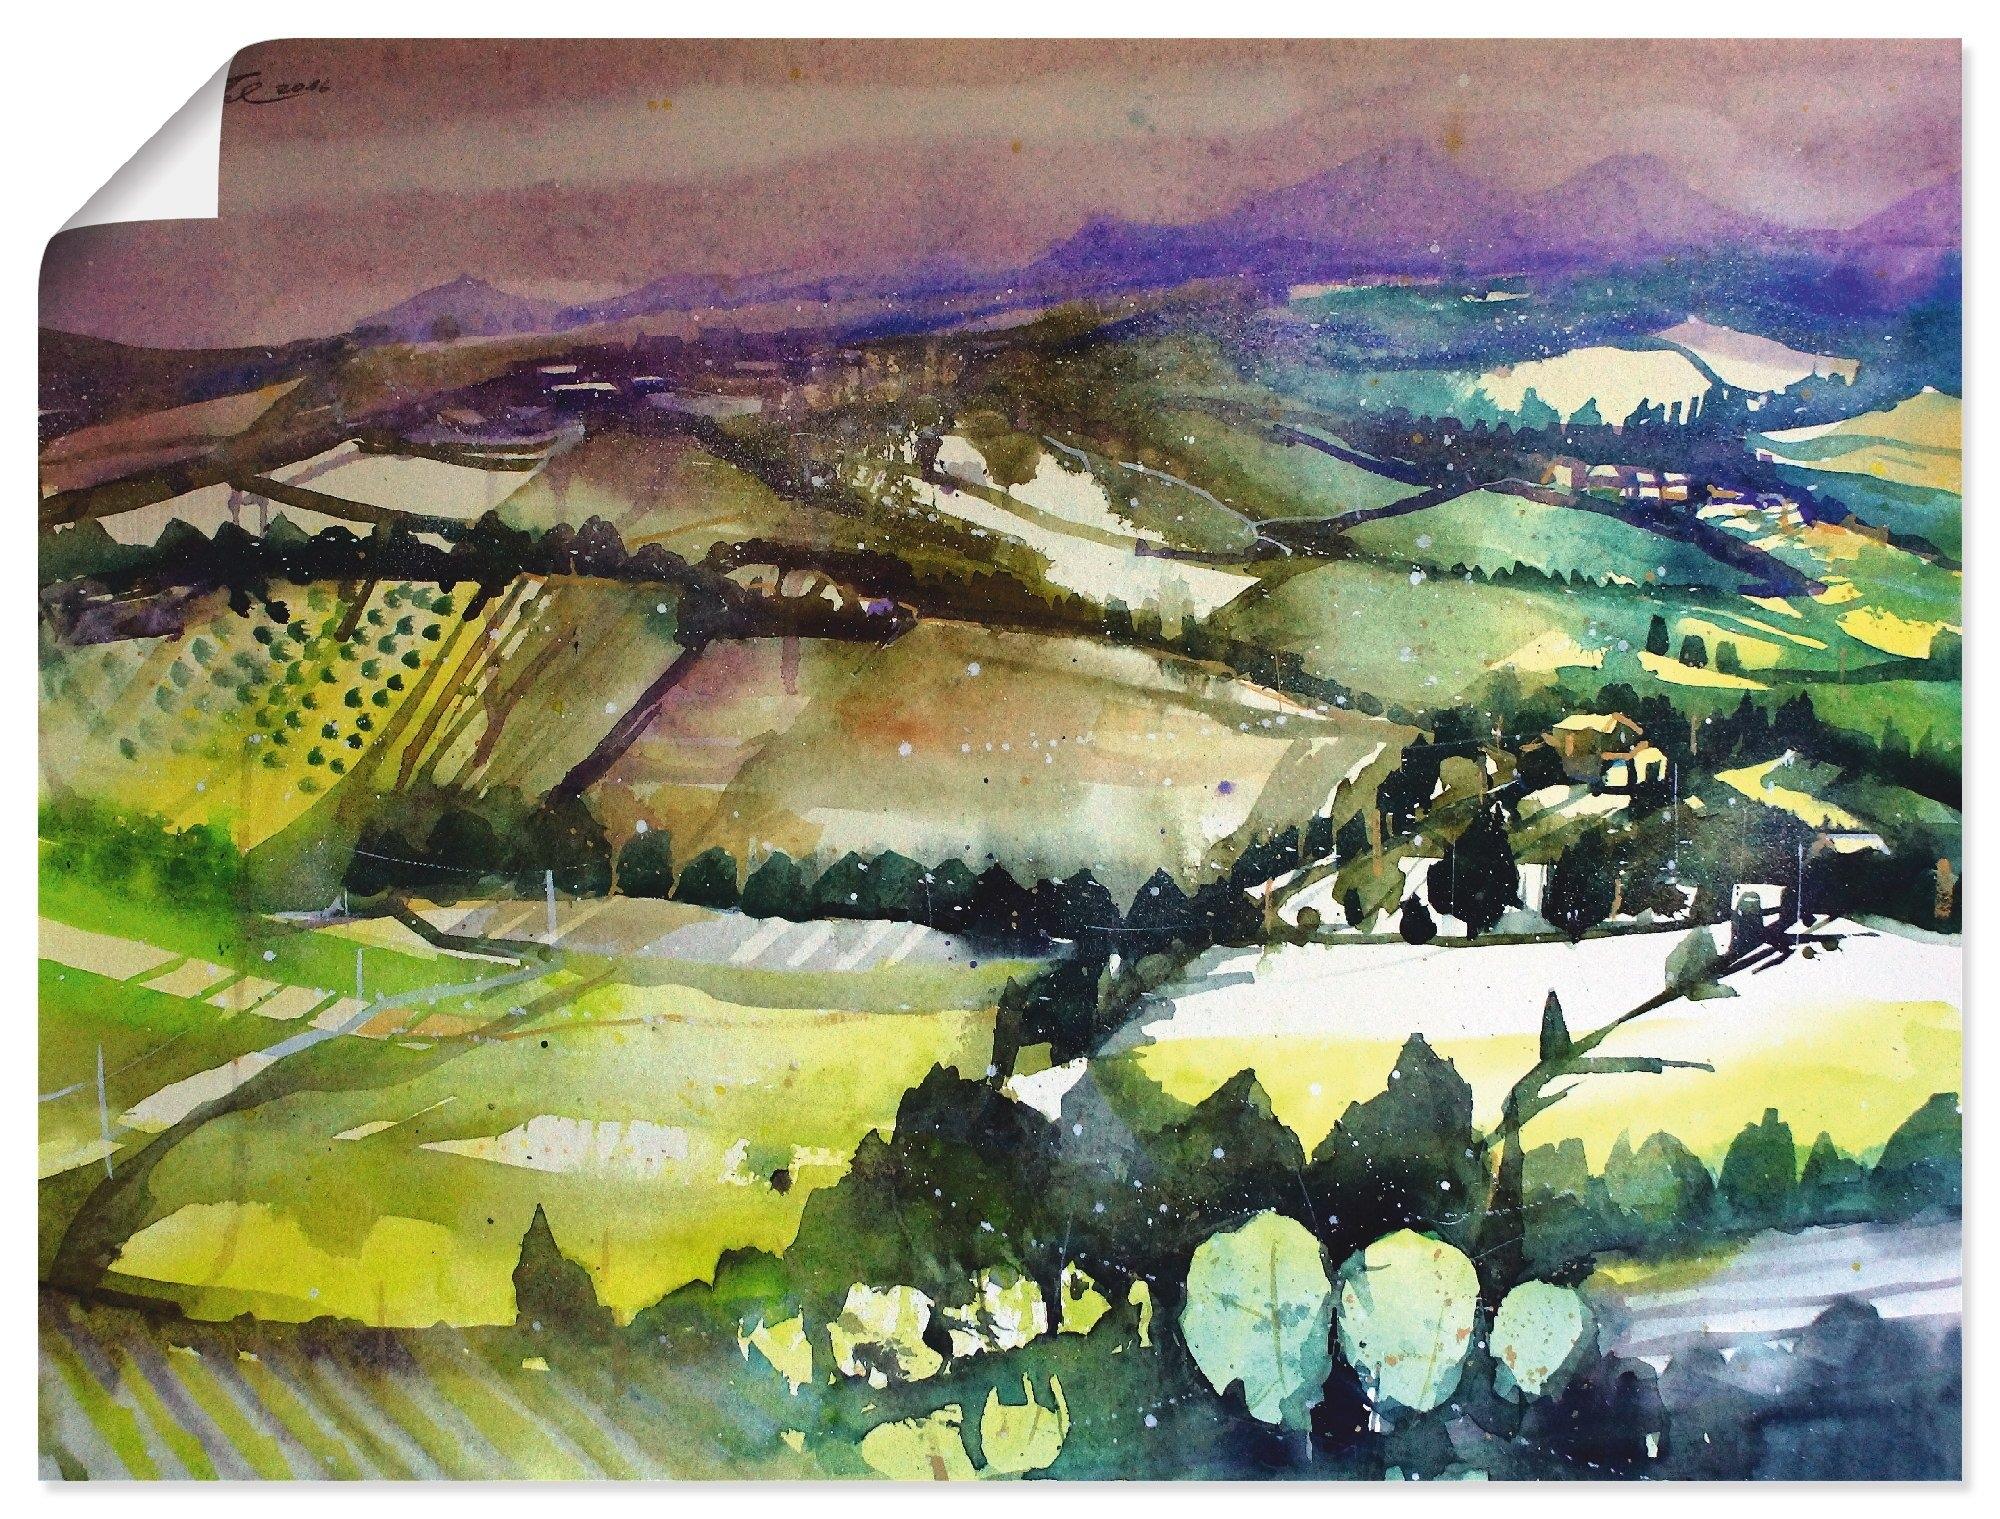 Op zoek naar een Artland artprint Emilia Romagna, landschap bij Cesena in vele afmetingen & productsoorten - artprint van aluminium / artprint voor buiten, artprint op linnen, poster, muursticker / wandfolie ook geschikt voor de badkamer (1 stuk)? Koop online bij OTTO